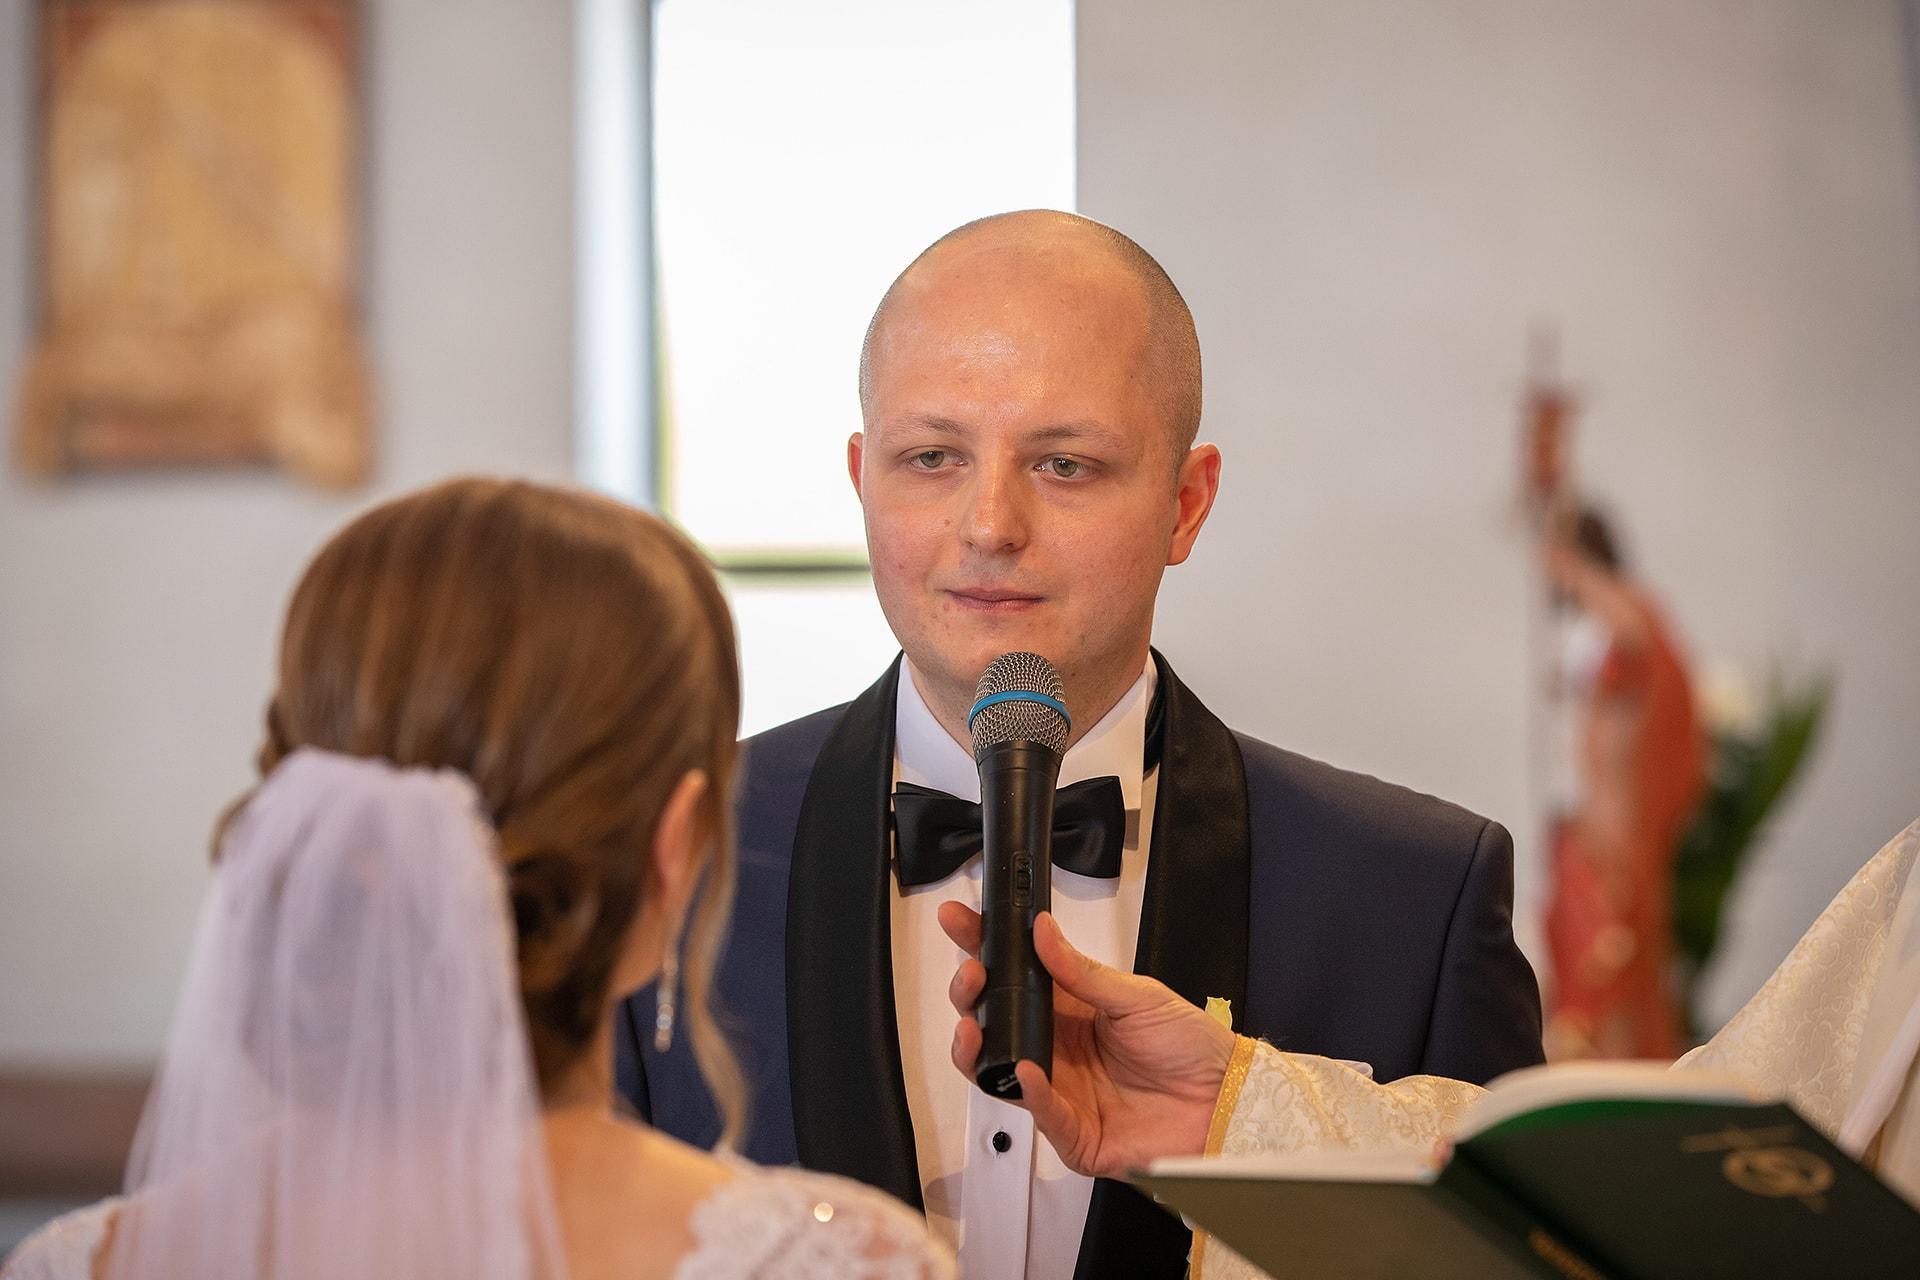 Ślub pana młodego